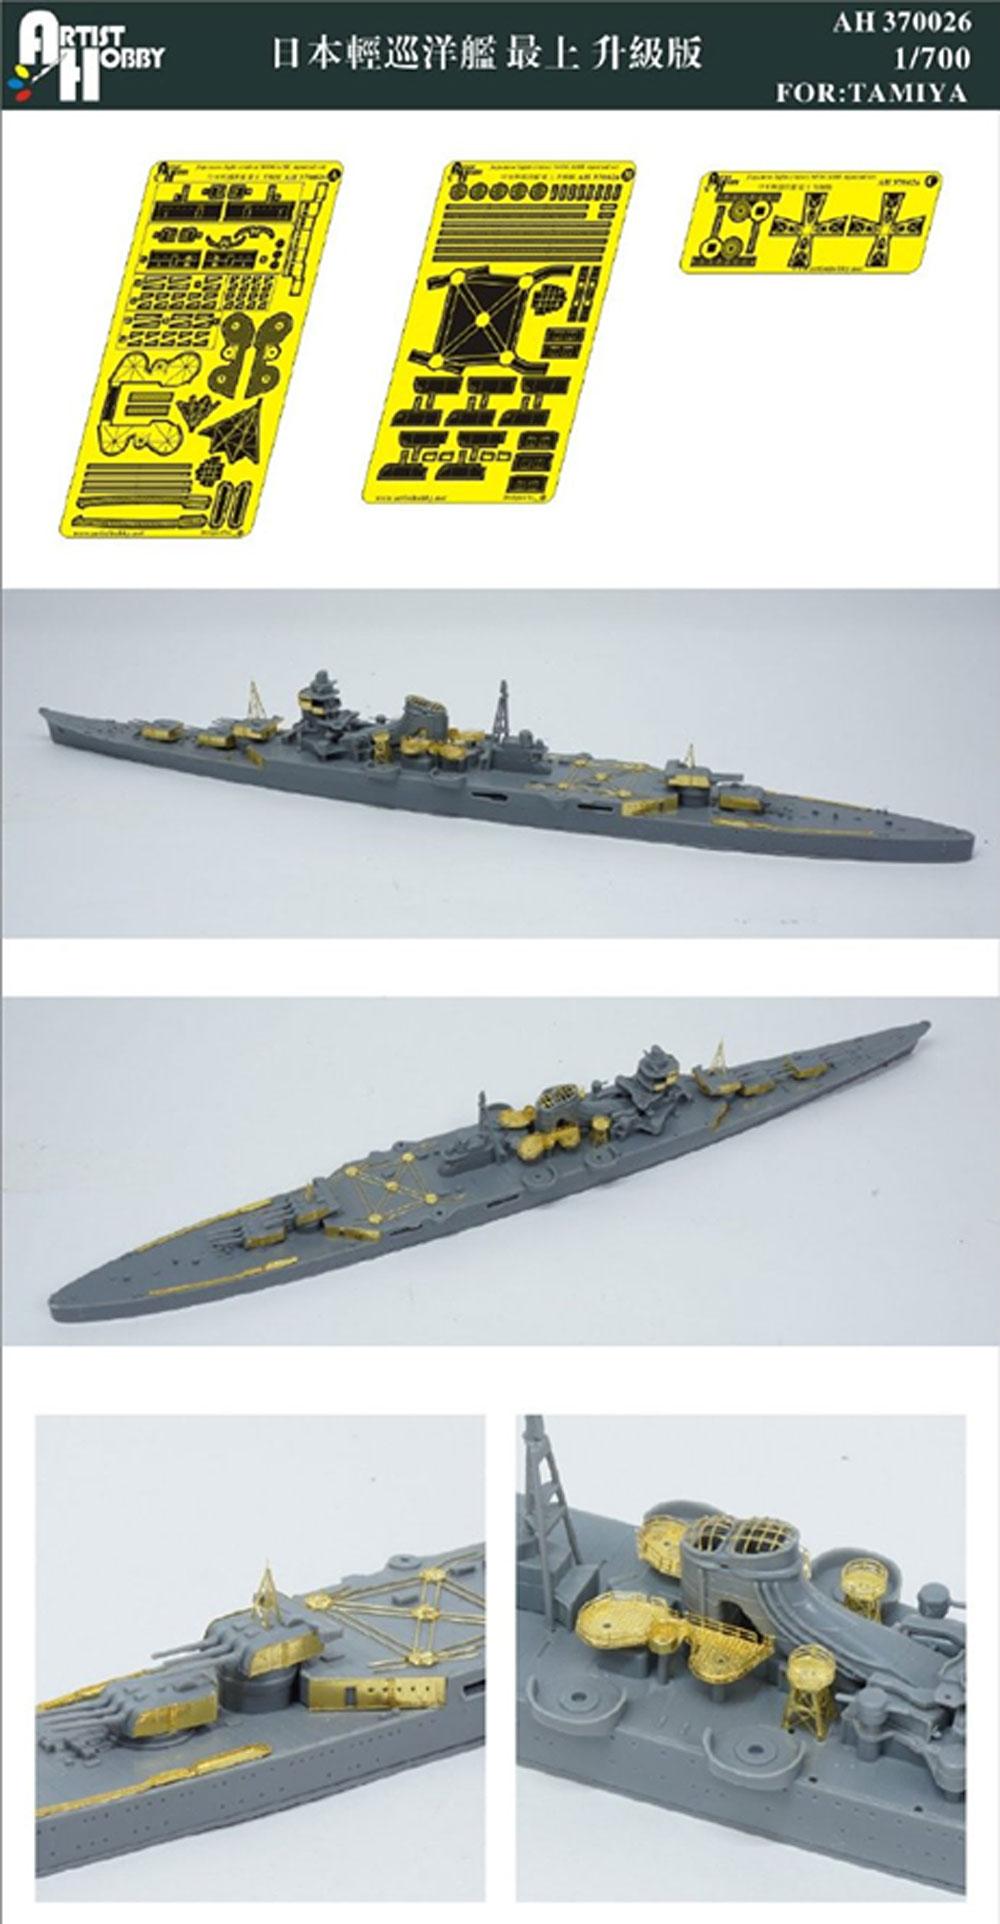 日本海軍 軽巡洋艦 最上 アップグレードセット (タミヤ用)エッチング(アーティストホビー1/700 アップグレードパーツNo.AH370026)商品画像_1